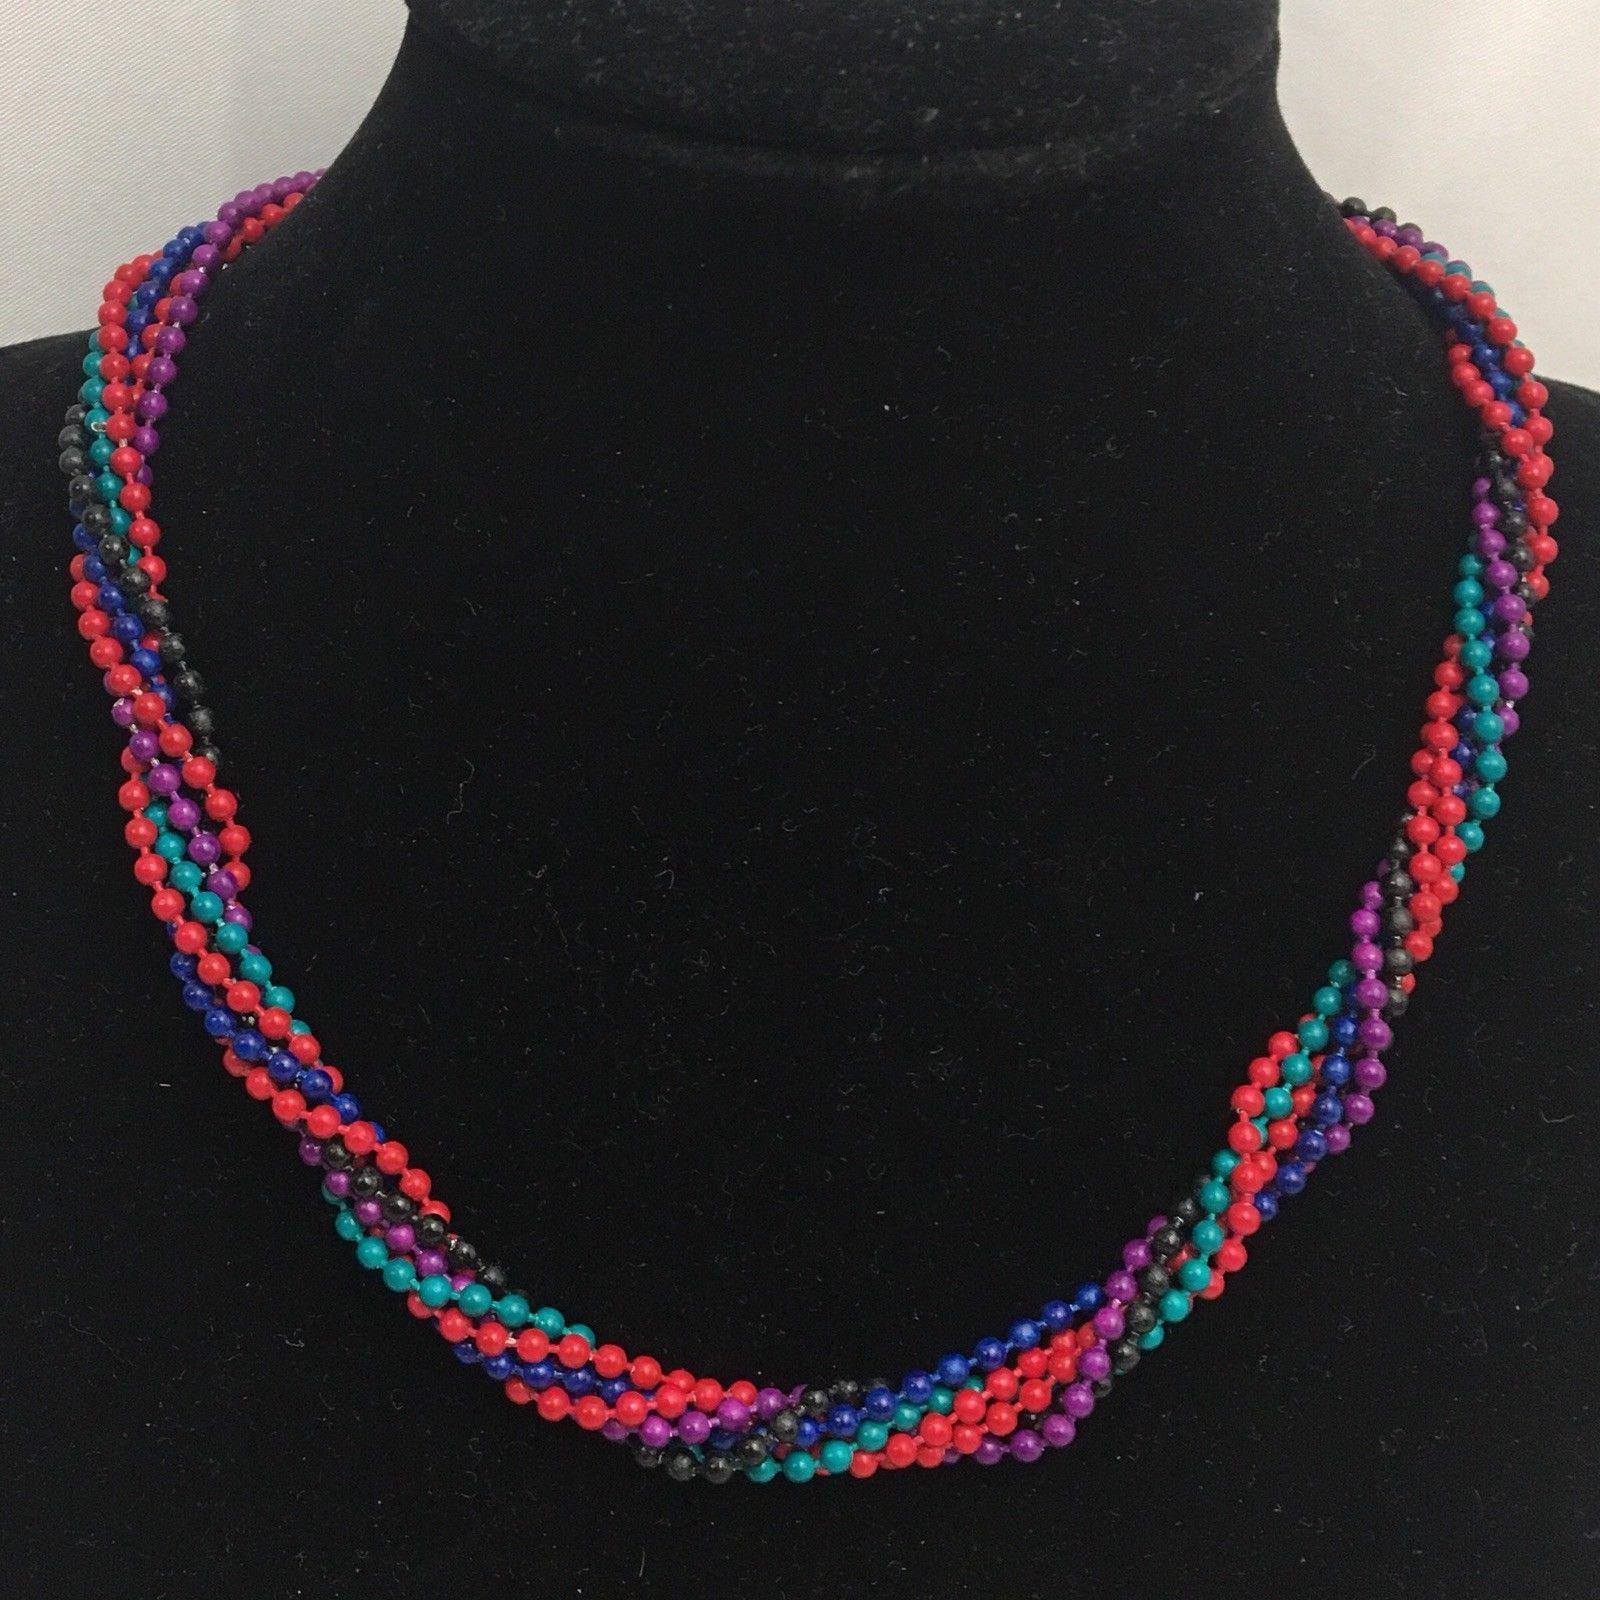 Vintage Beaded Necklace Hoop Earrings Lot 1980s Colorful Yellow Metal Hoops